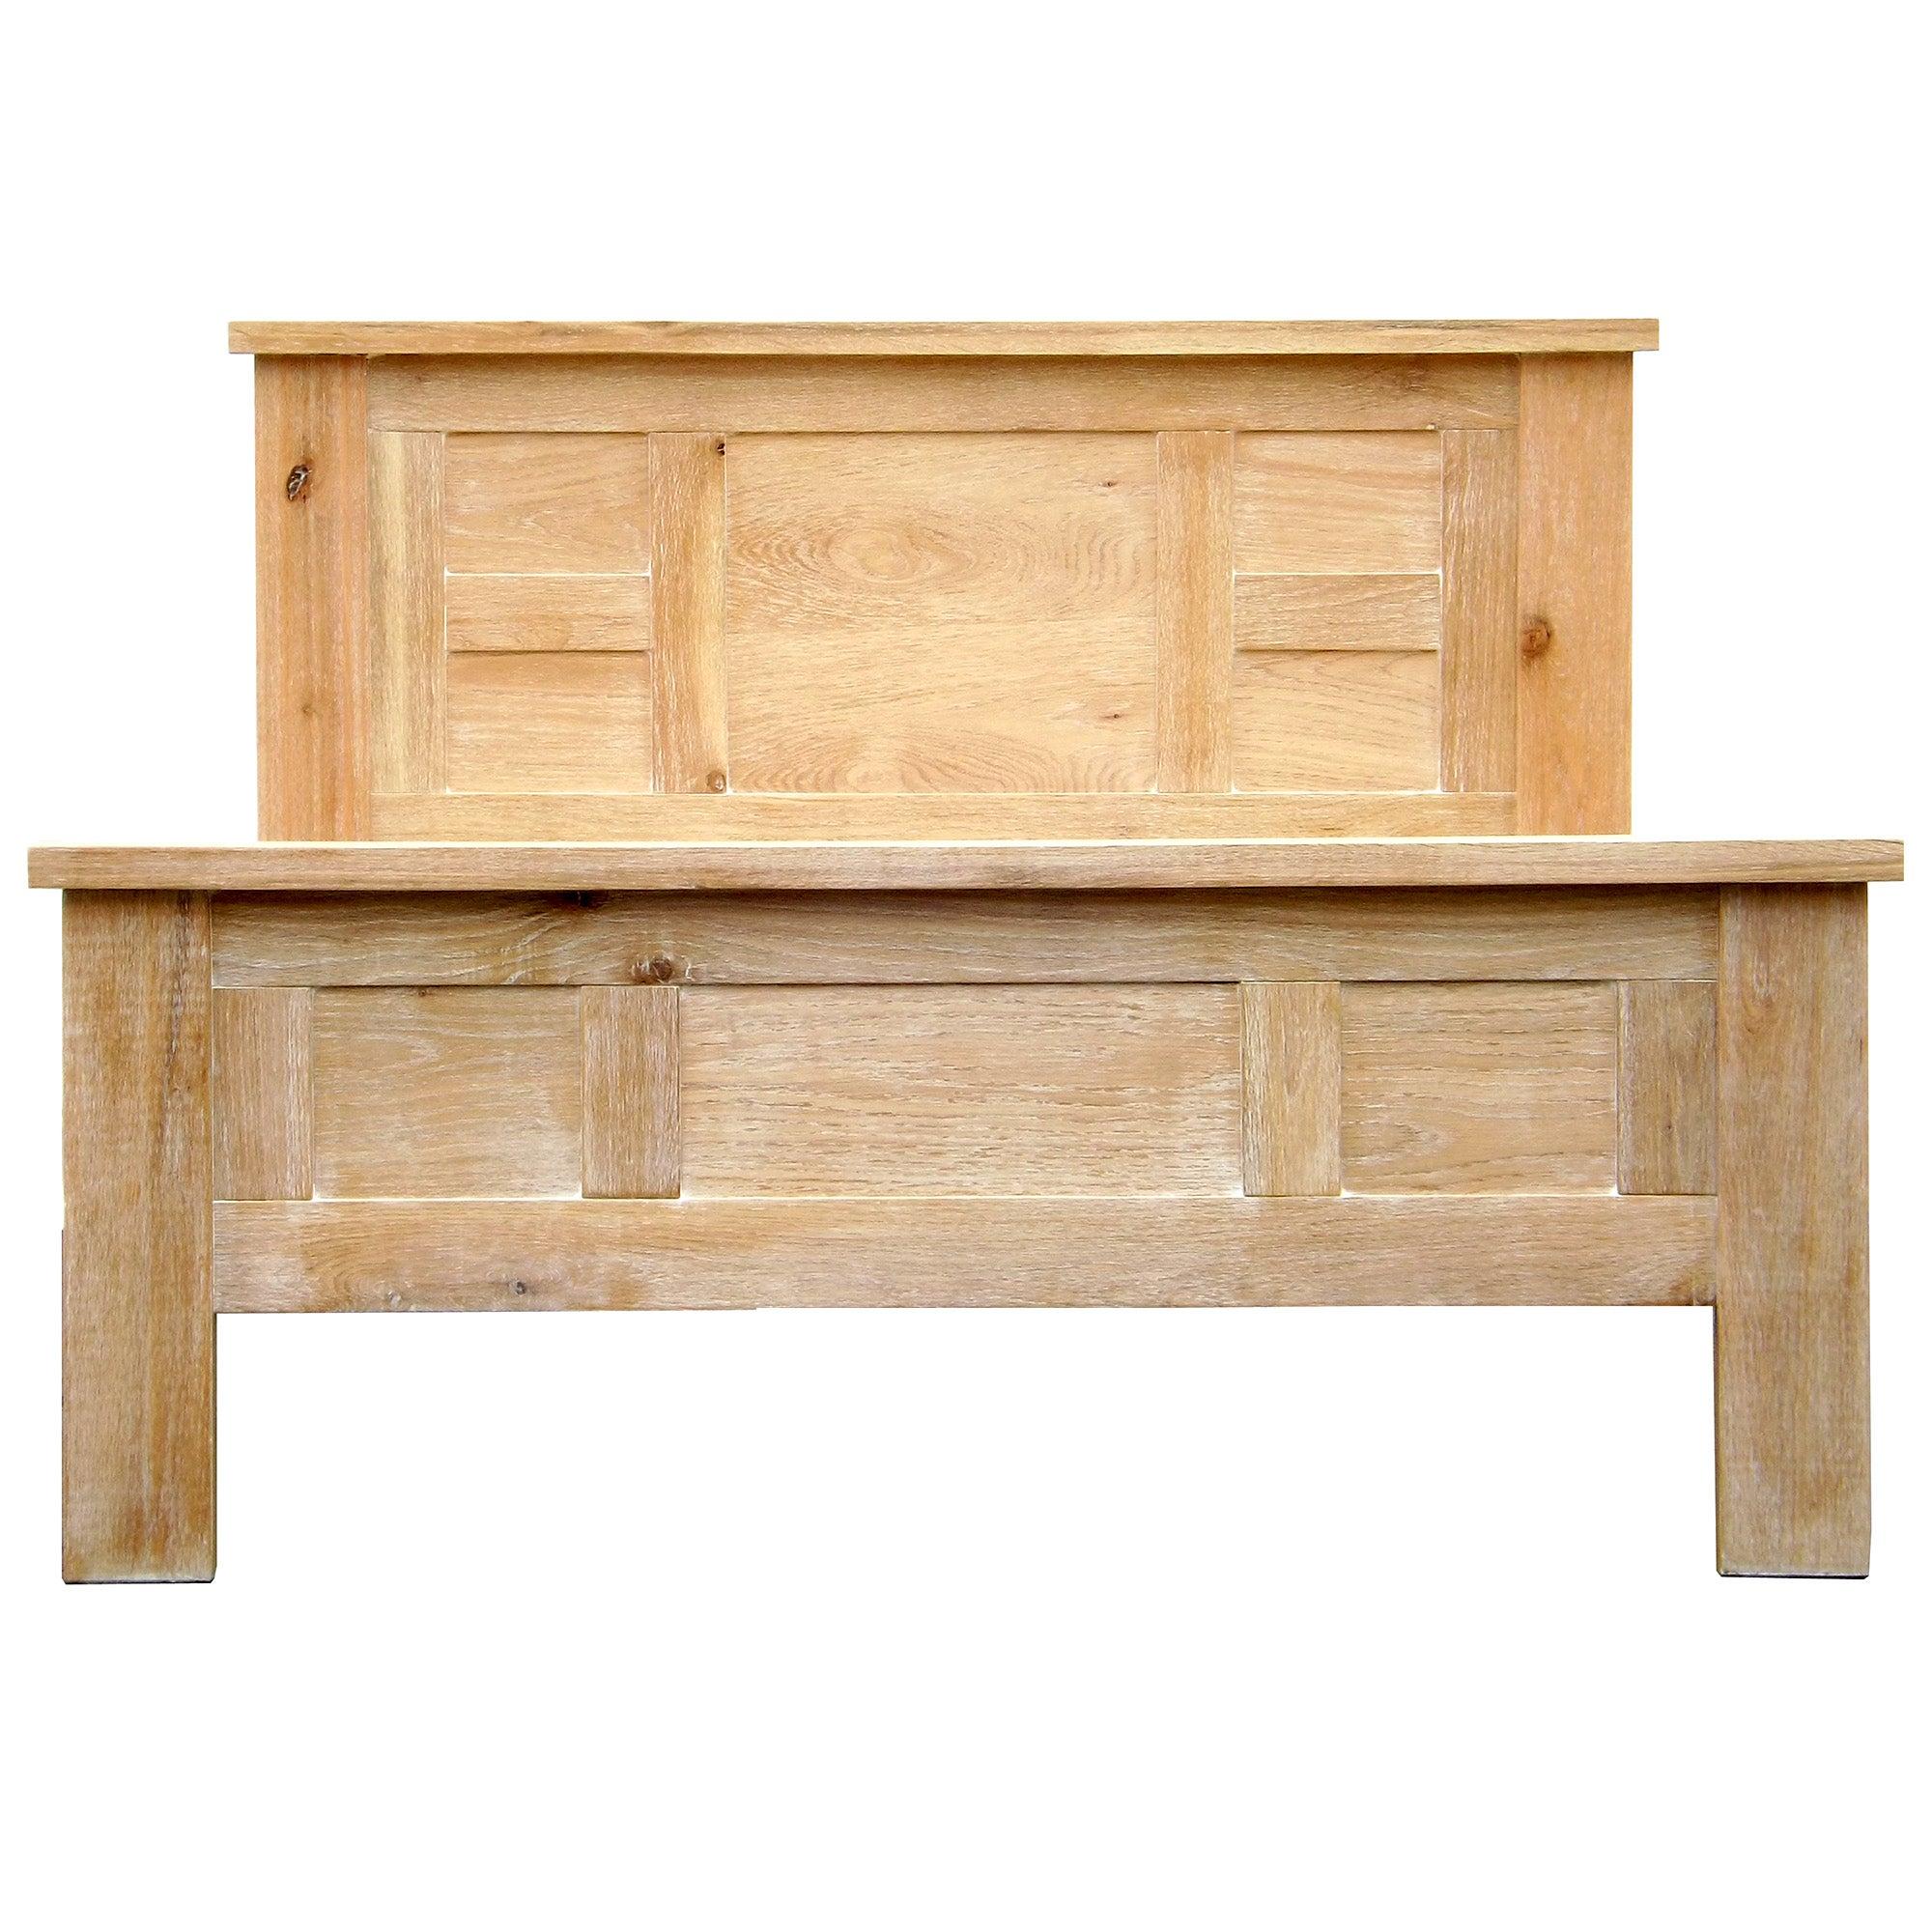 Henley Washed Oak Bedstead